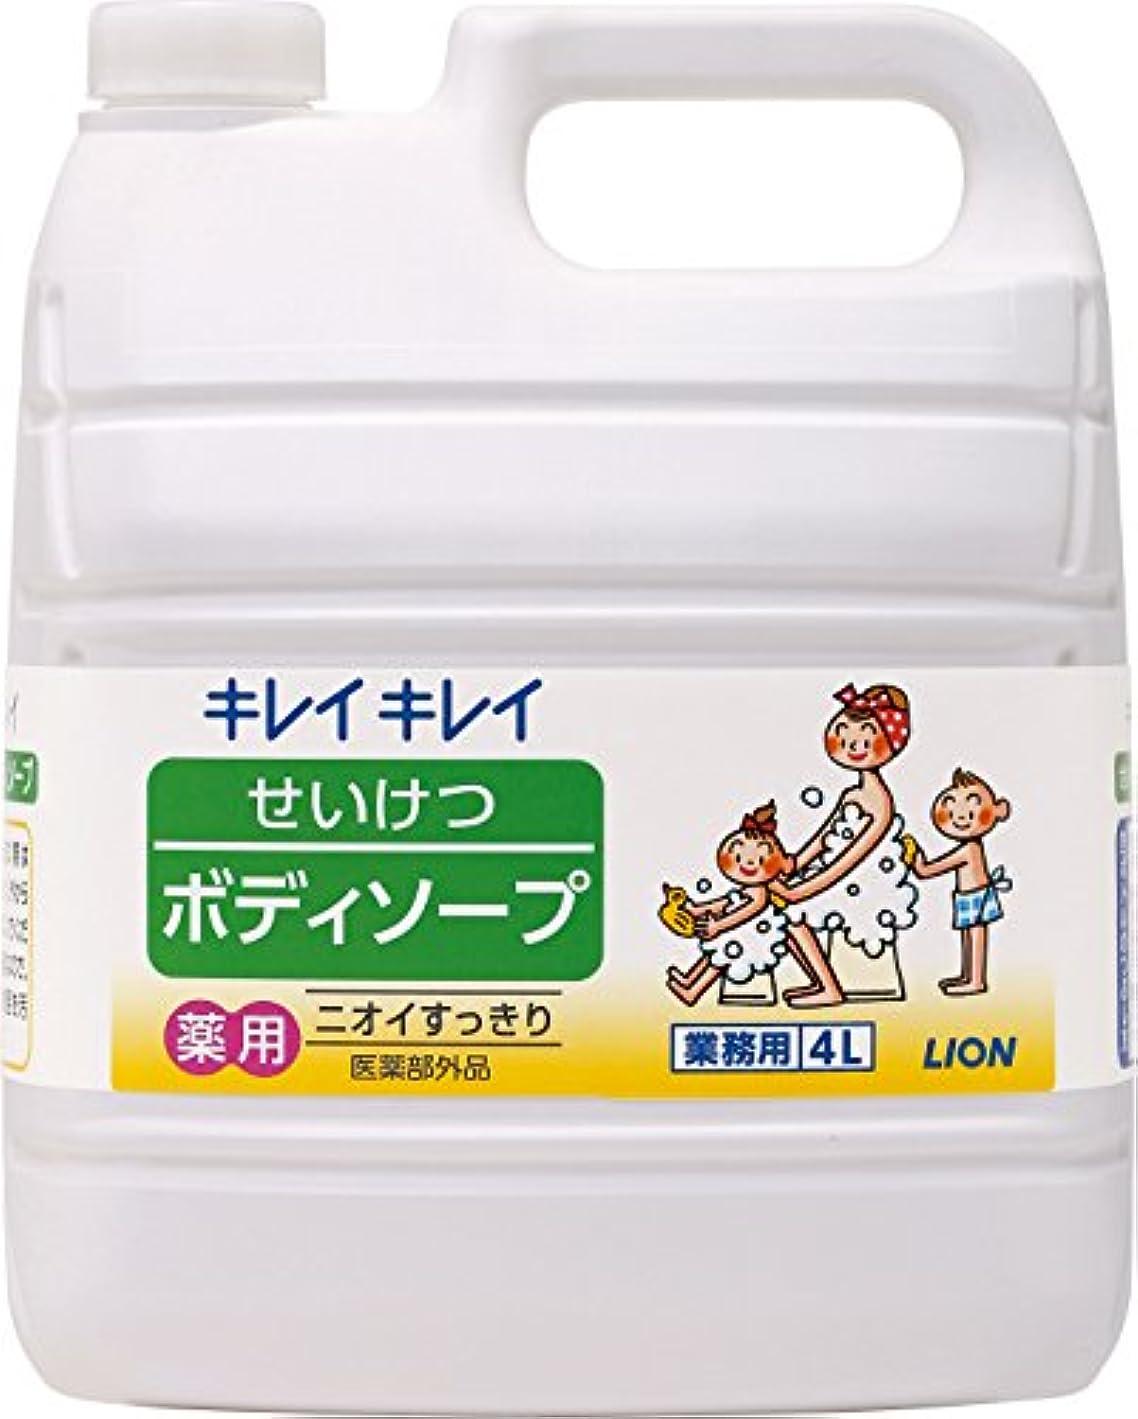 安全性アーティファクト横たわる【業務用 大容量】キレイキレイ せいけつボディソープ さわやかなレモン&オレンジの香り 4L(医薬部外品)